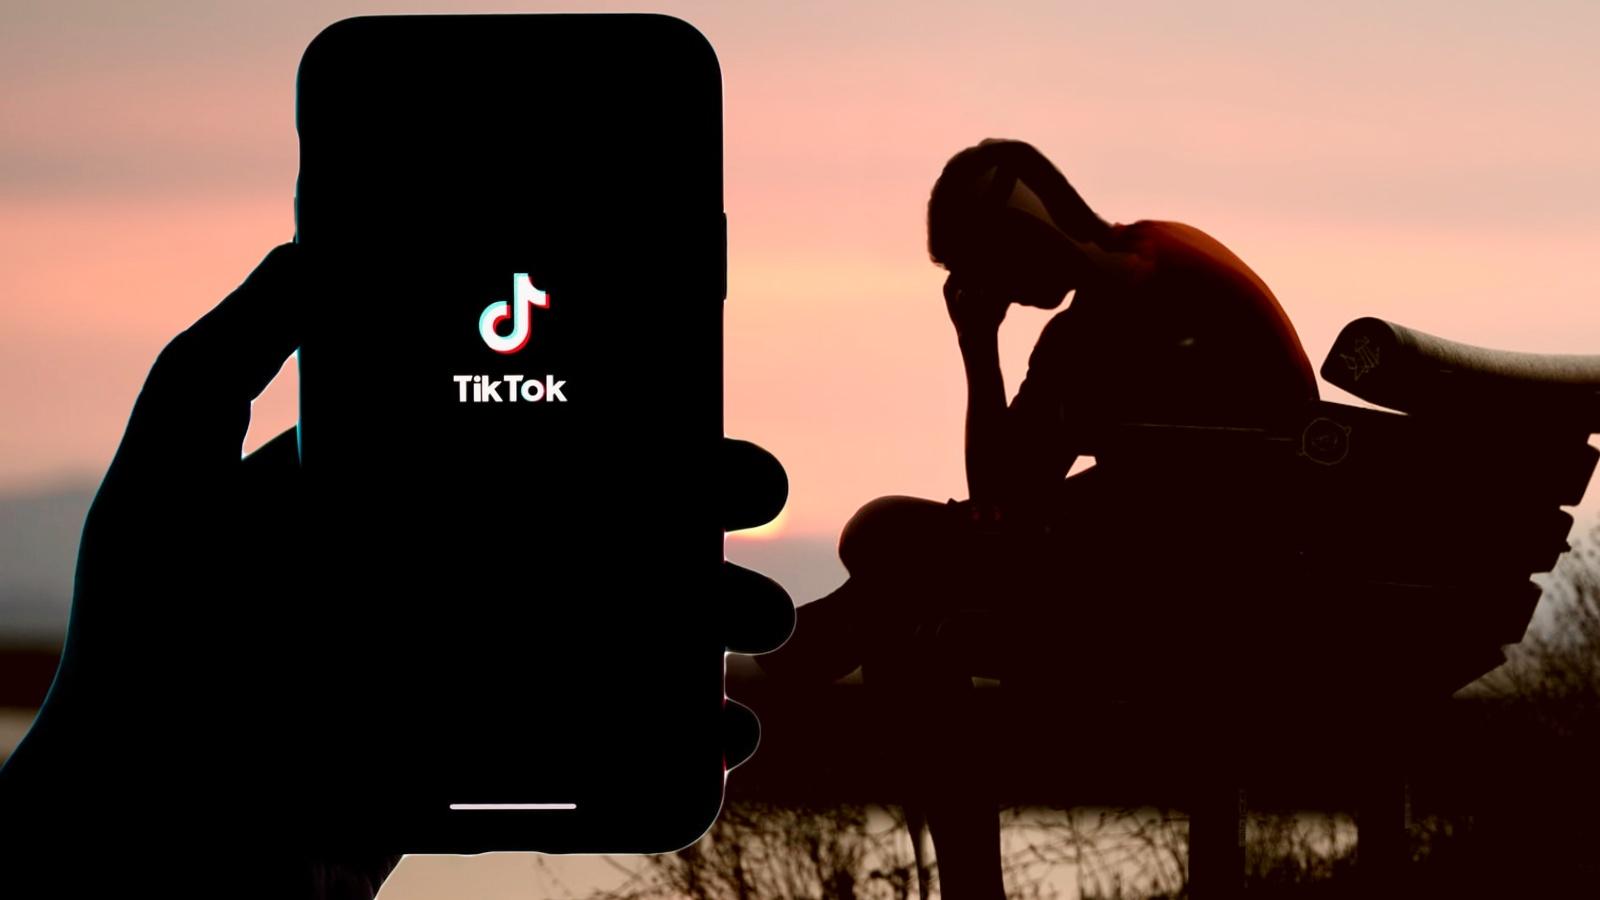 TikTok 15minutes4me mental health test